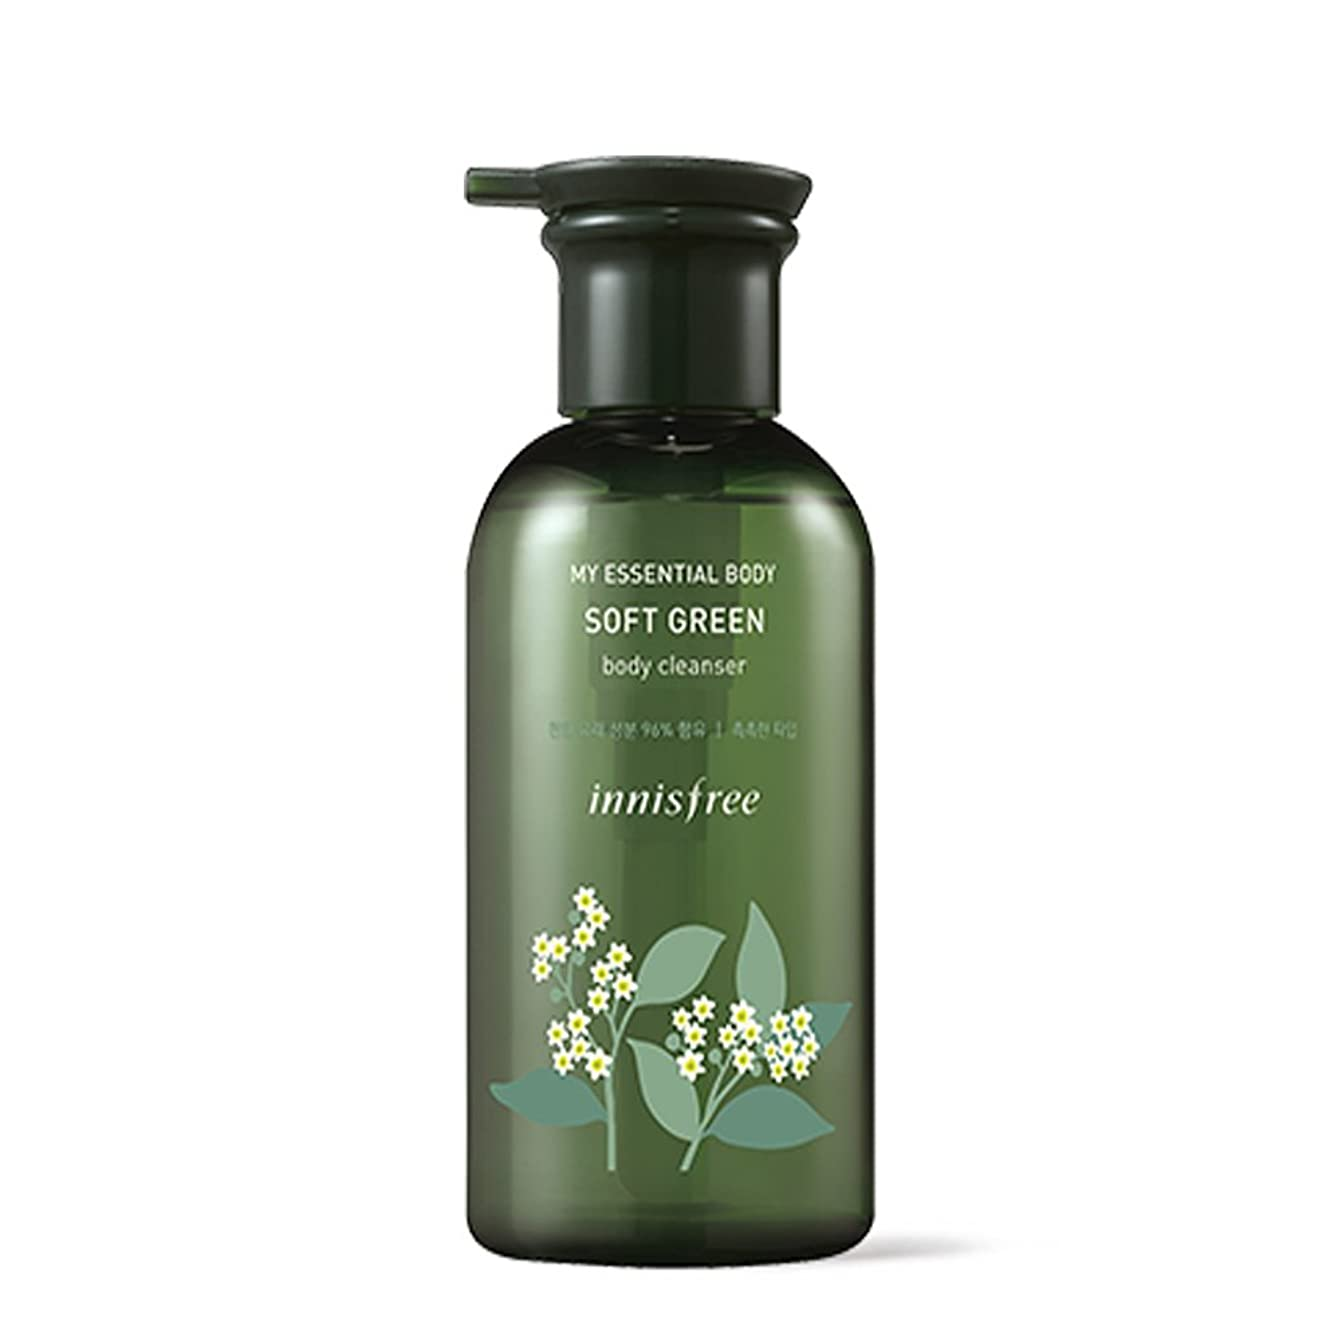 フック結婚式政治イニスフリーマイエッセンシャルボディソフトグリーンボディクレンザー330ml / Innisfree My Essential Body Soft Green Body Cleanser 330ml [並行輸入品][海外直送品]